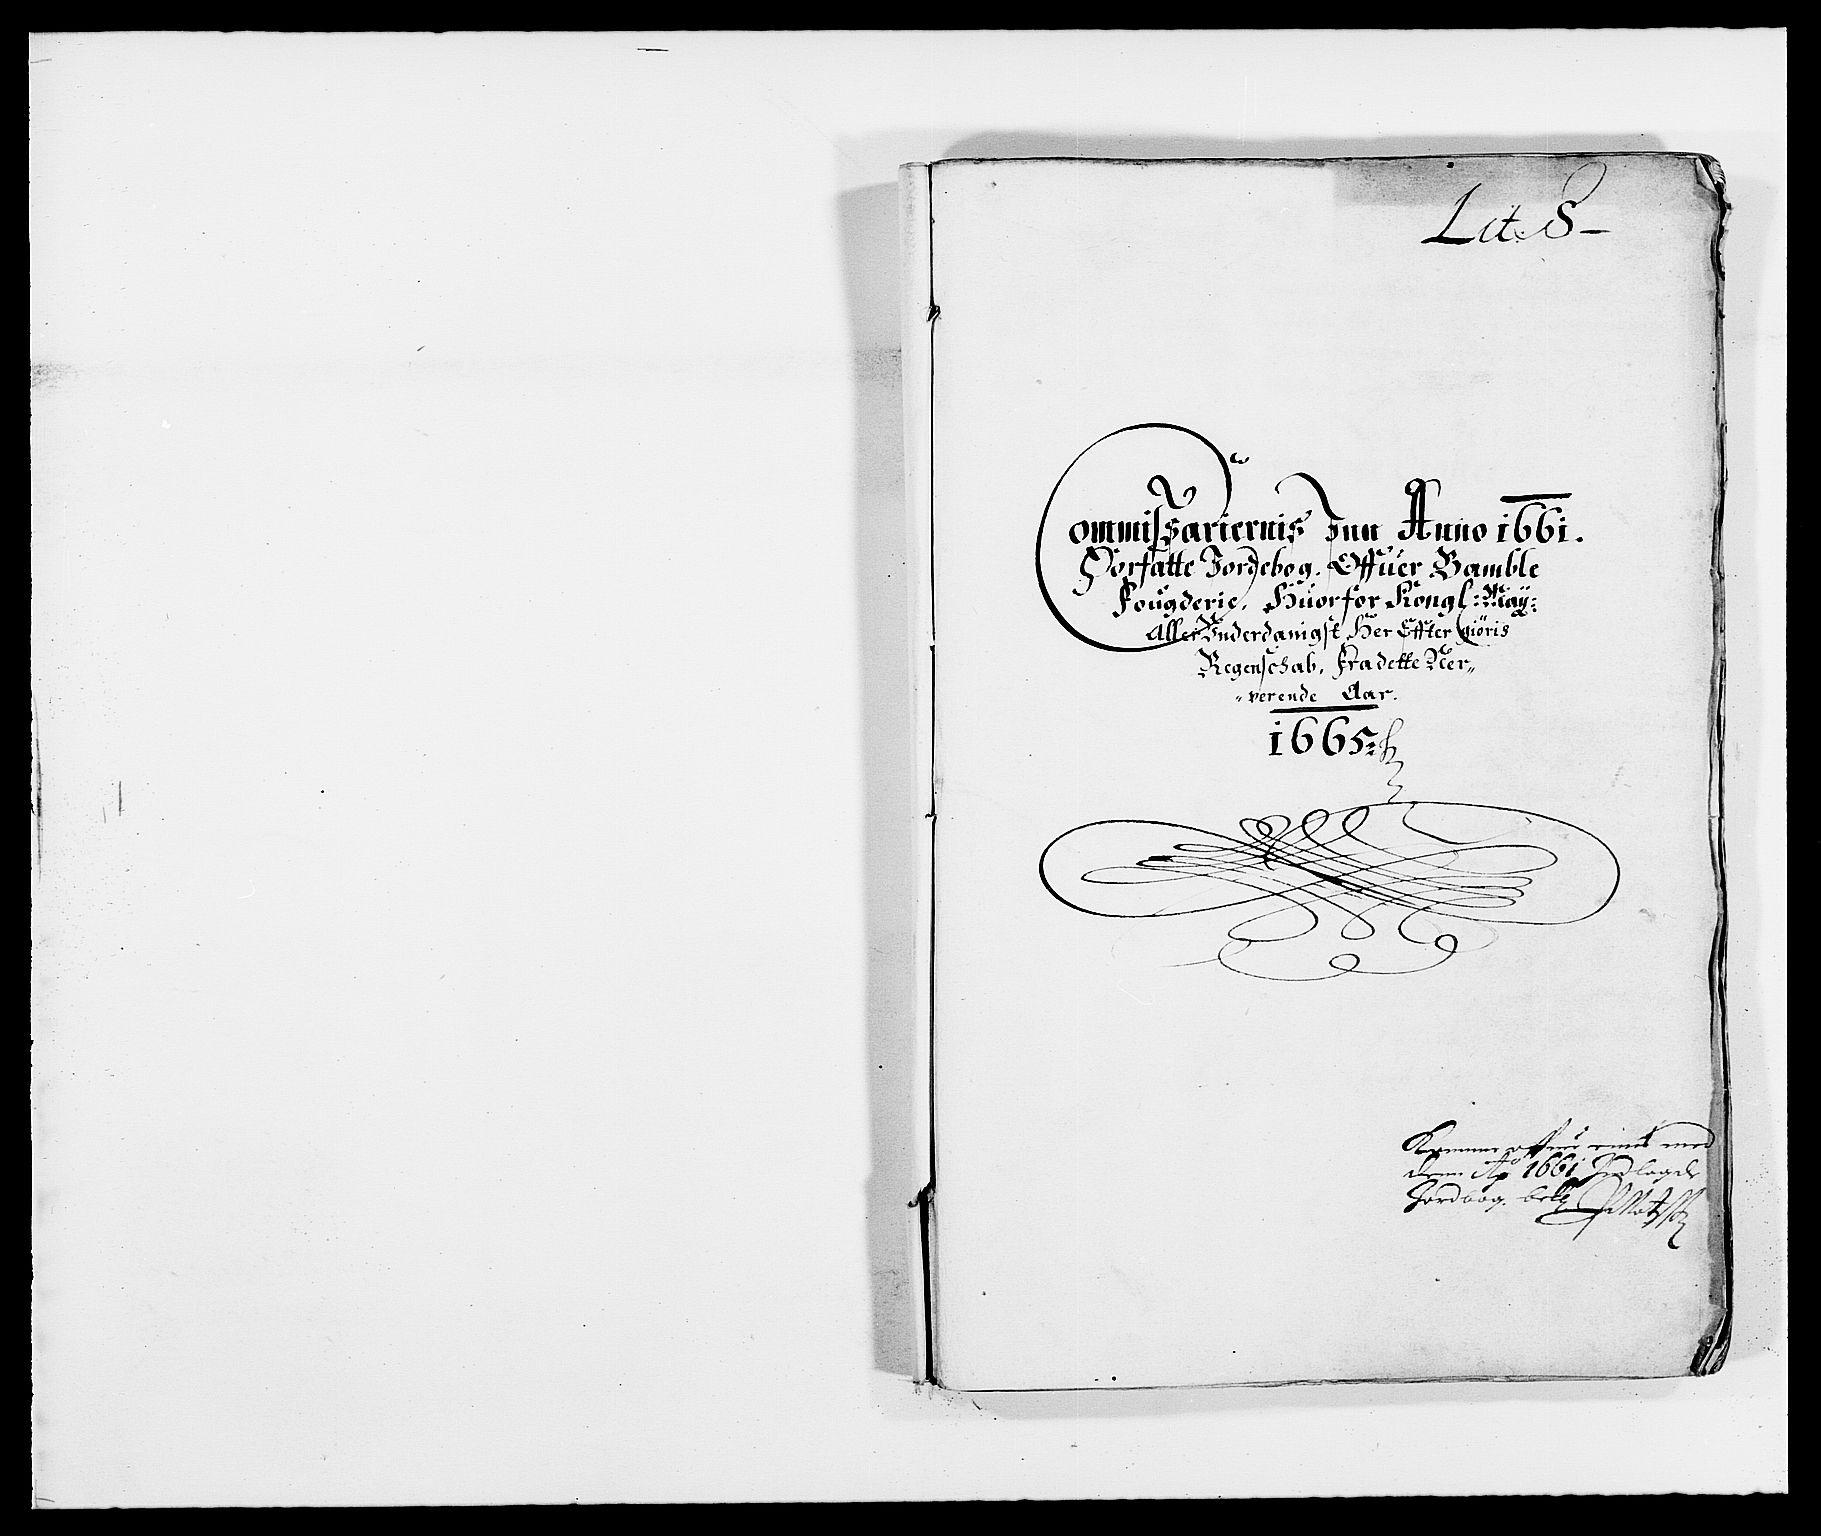 RA, Rentekammeret inntil 1814, Reviderte regnskaper, Fogderegnskap, R34/L2038: Fogderegnskap Bamble, 1662-1669, s. 271